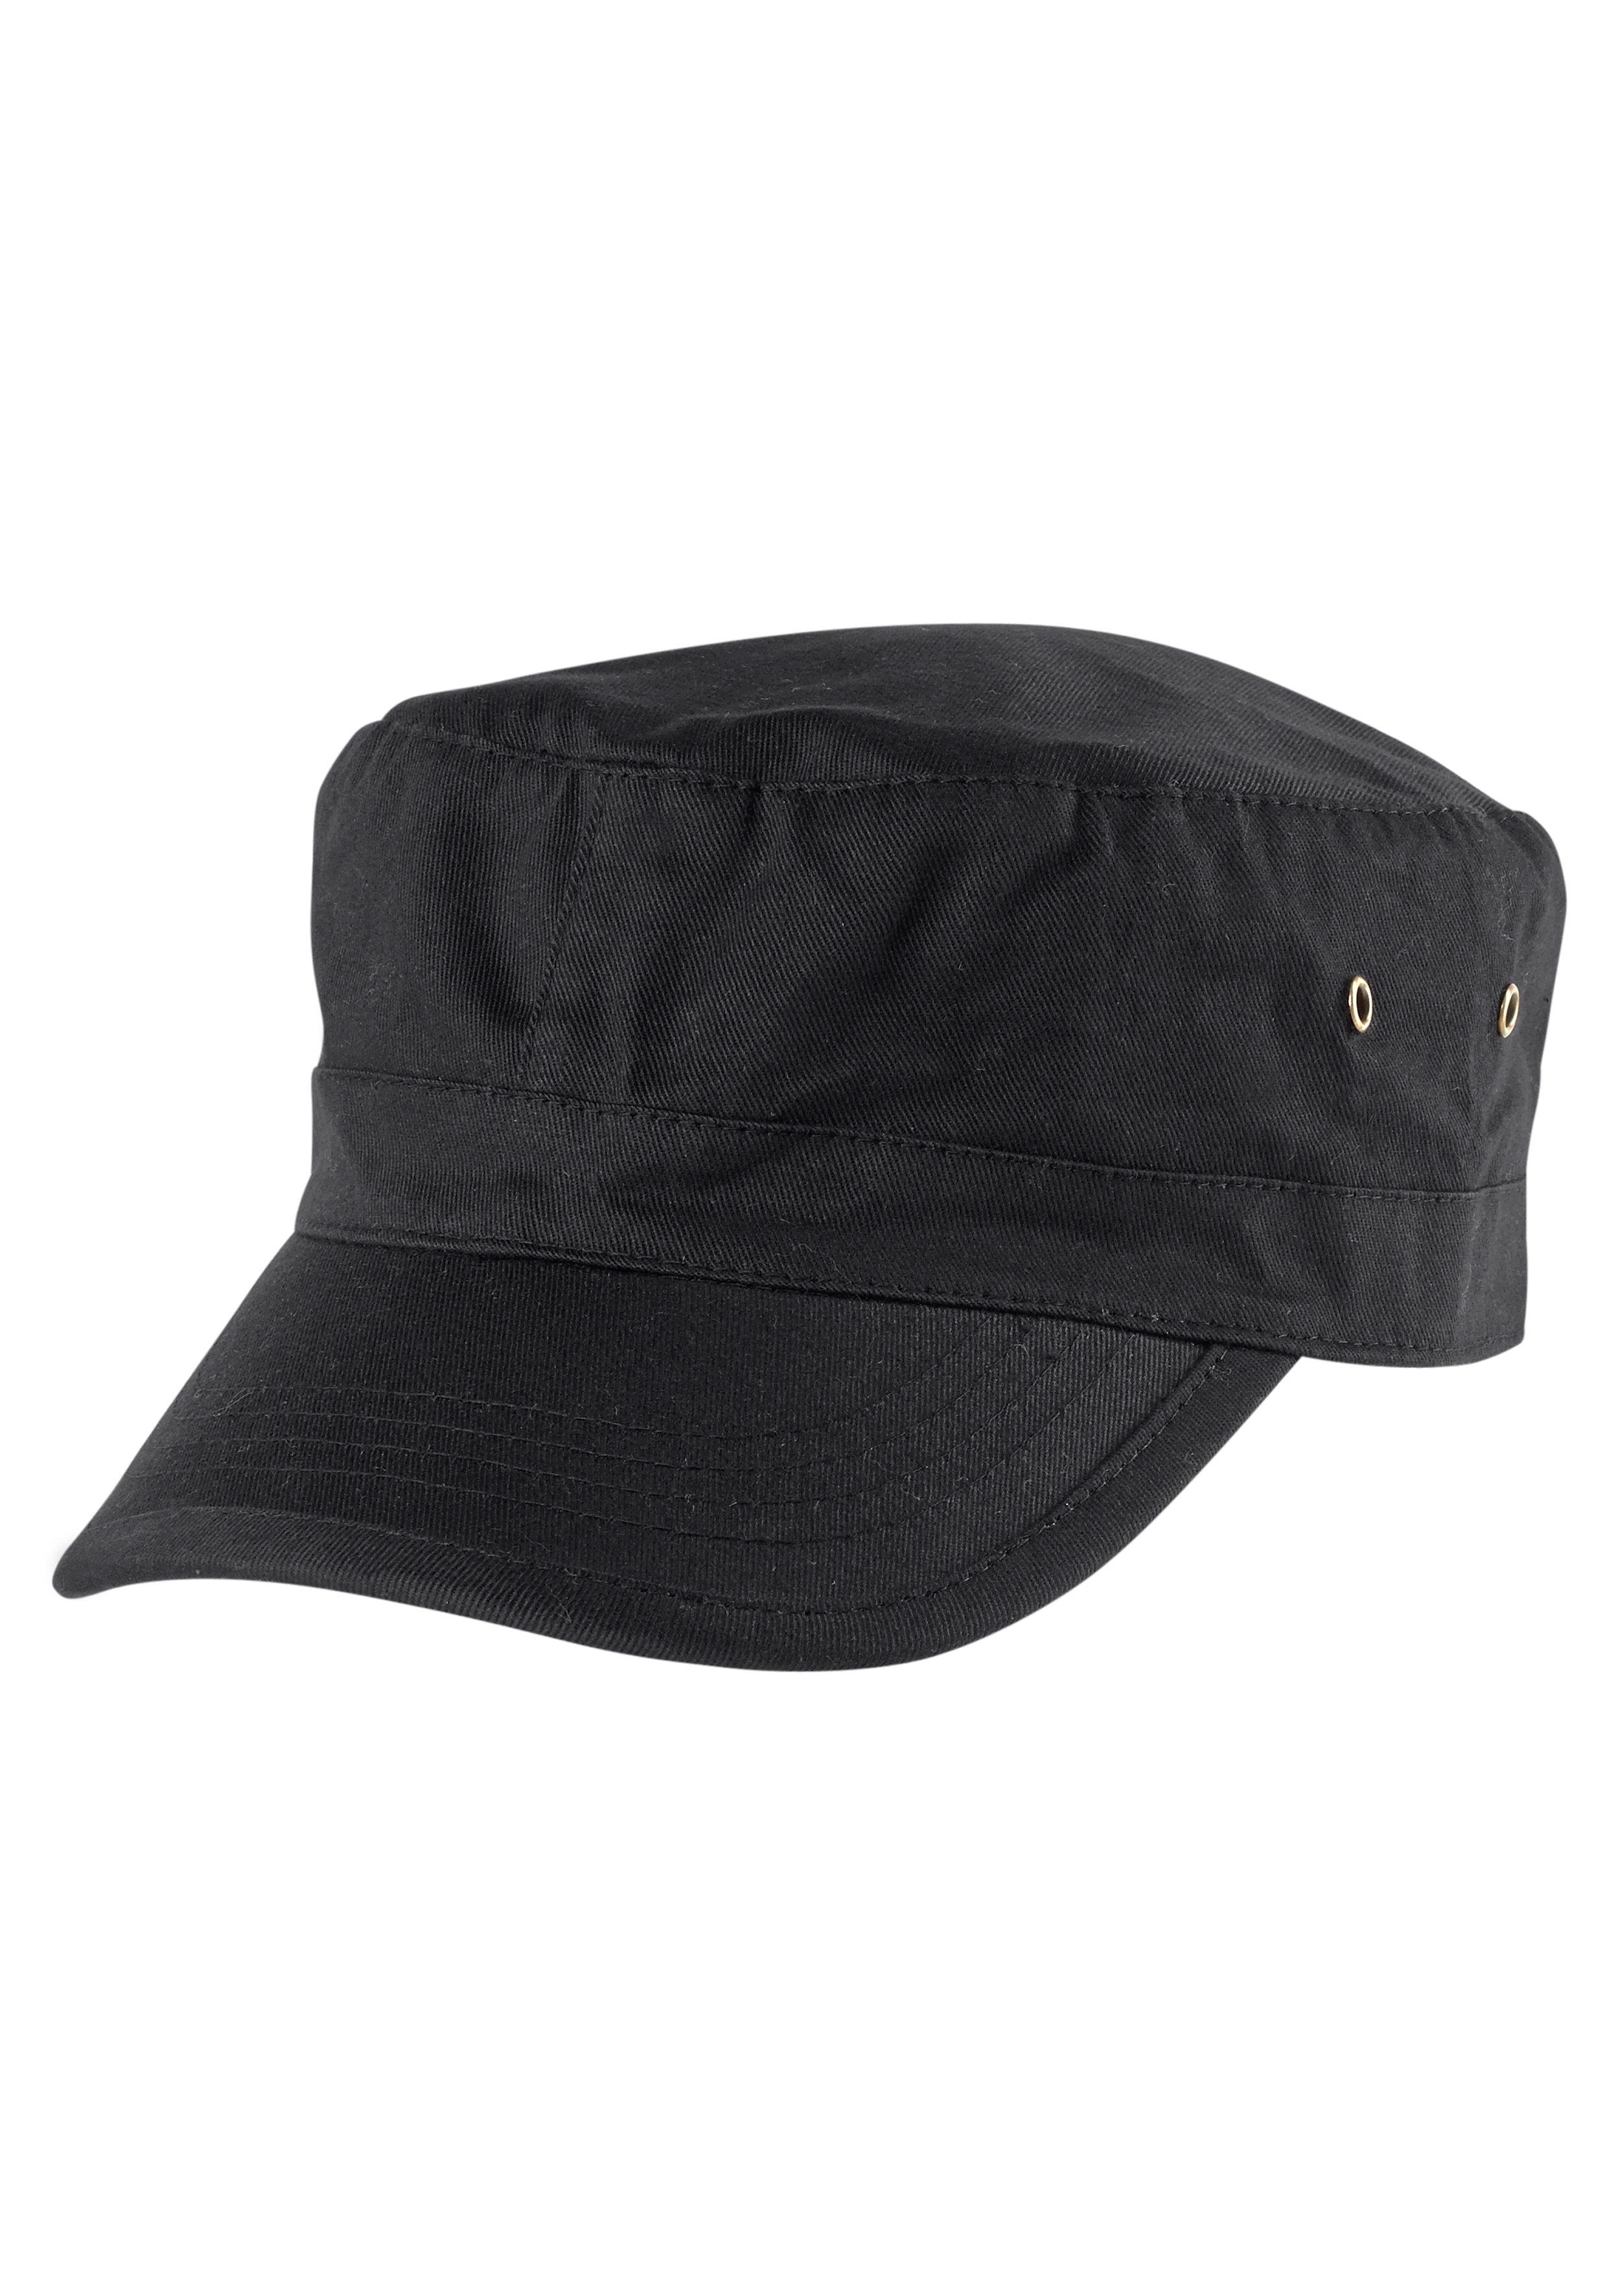 J.Jayz Army Cap, im zeitlosen Design